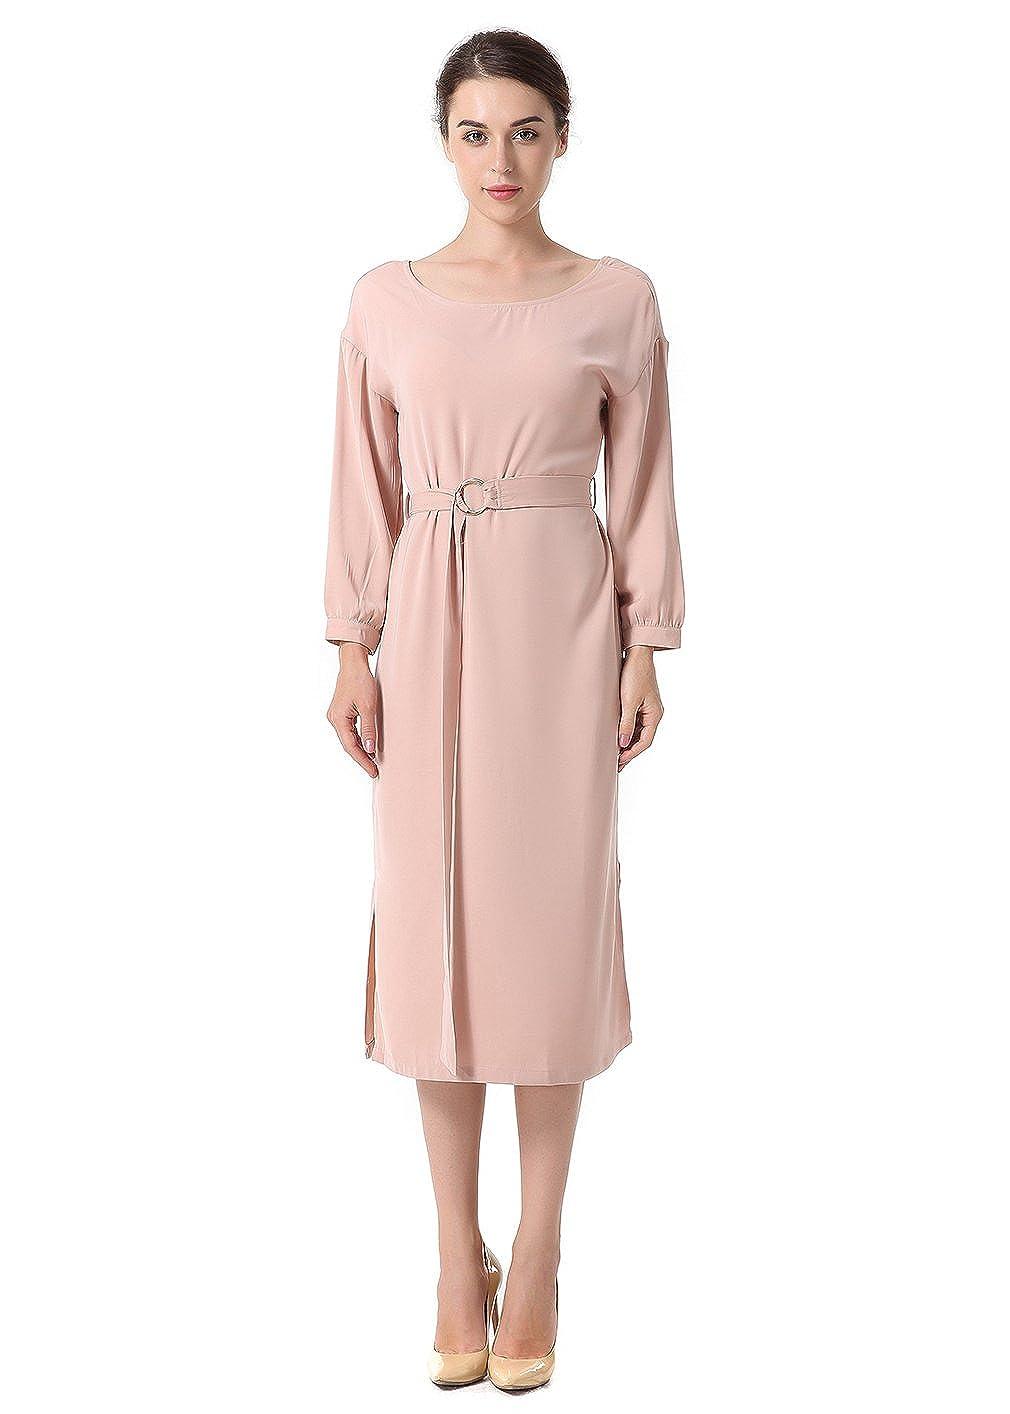 La Vogue Womens Soild Color Long Sleeve Round Neck Dress Split Party Dresses - Beige - 18/20: Amazon.co.uk: Clothing